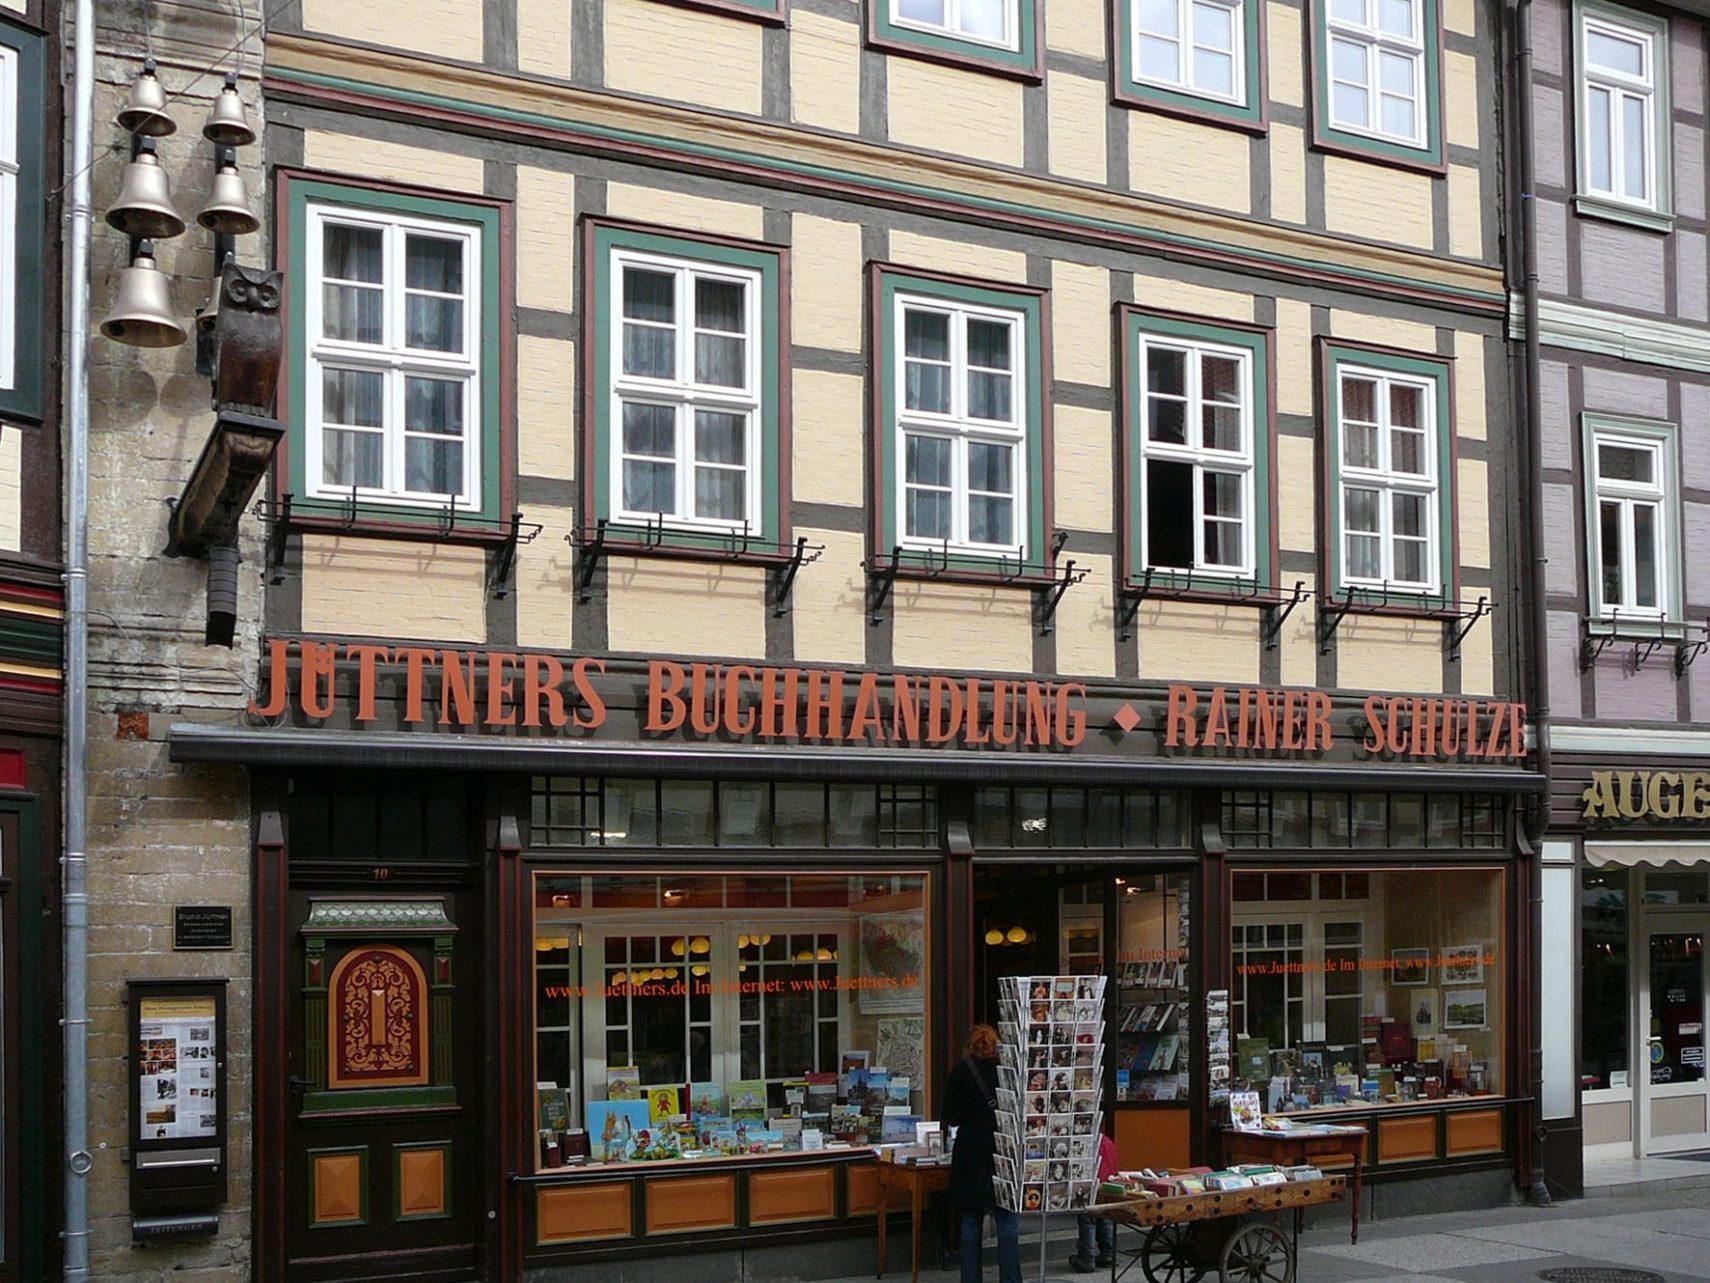 Buchhandlung Juettners Wernigerode Fassade (1)